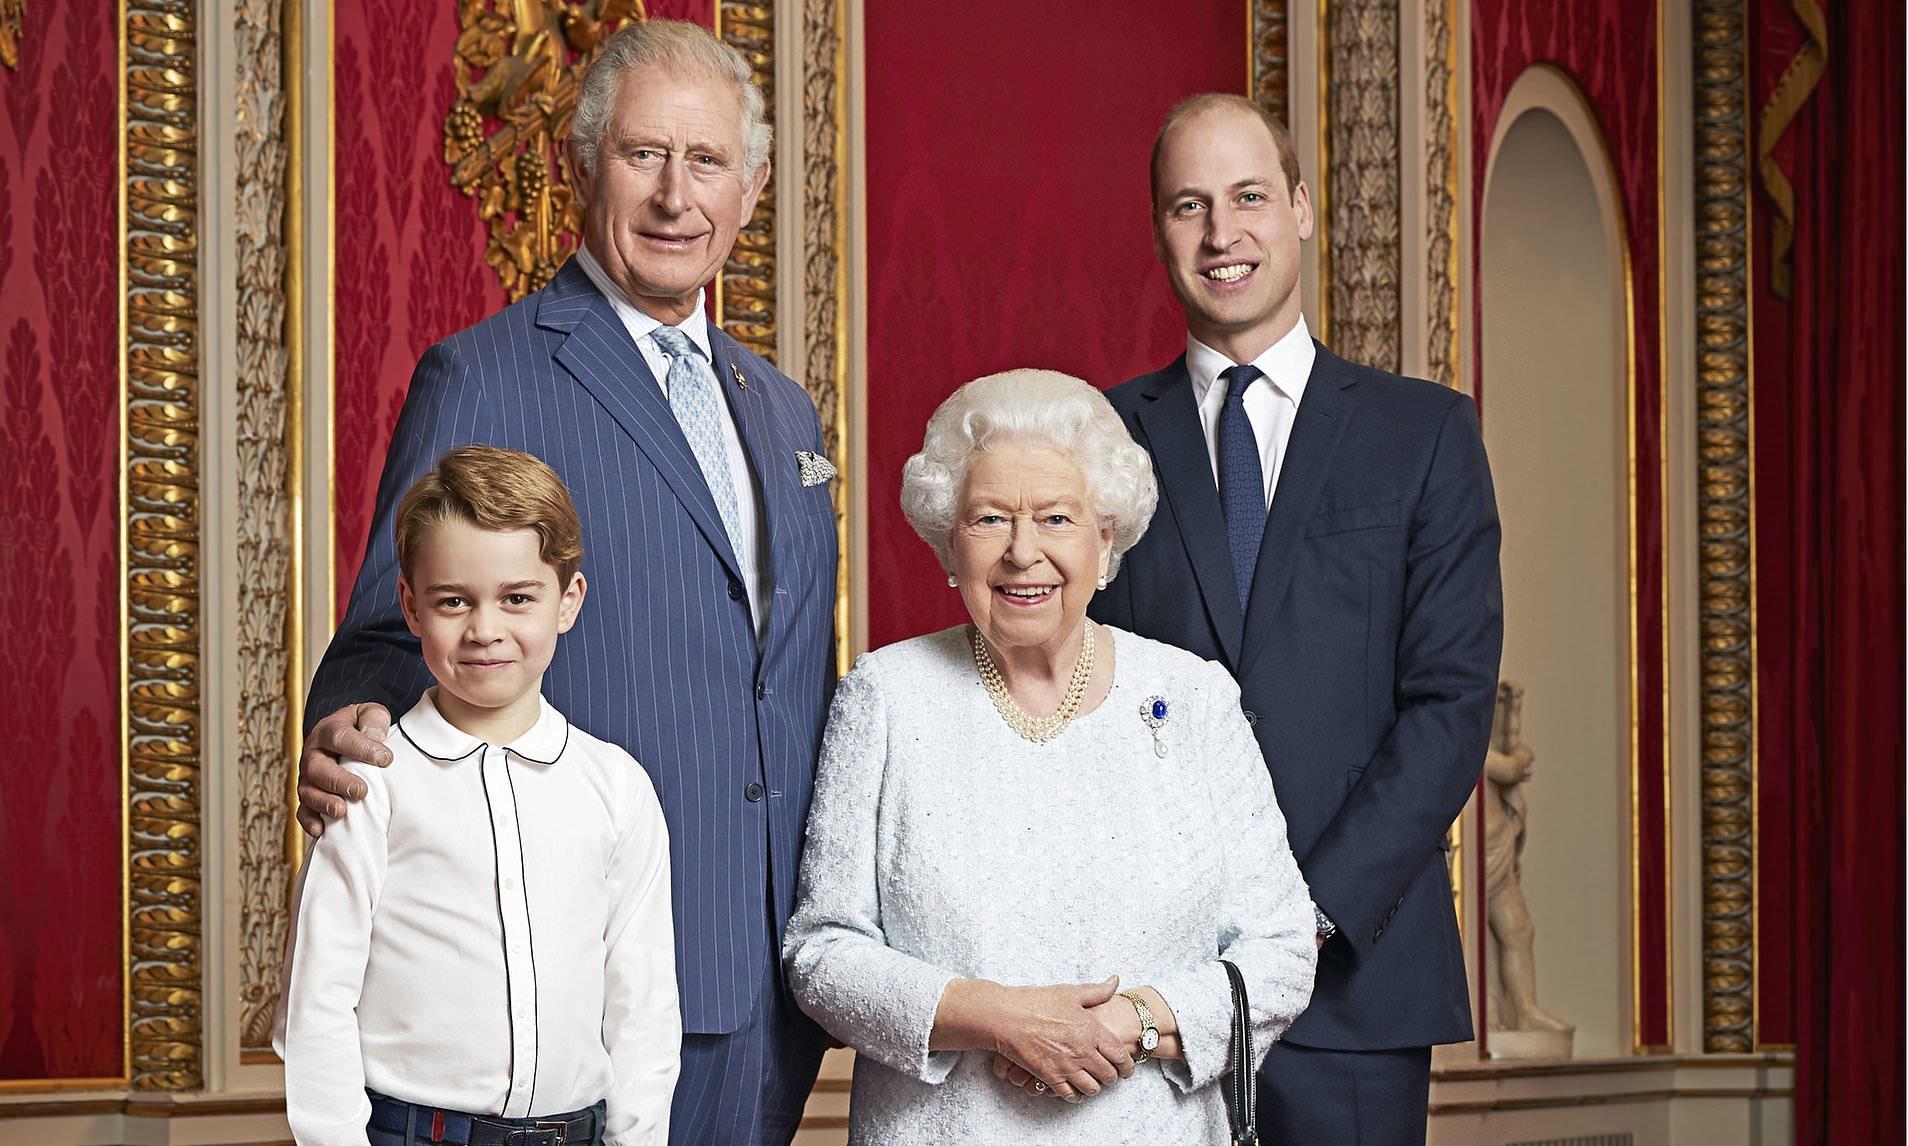 После скандального интервью Меган Маркл: британская королевская семья назначит директора по разнообразию - фото №2